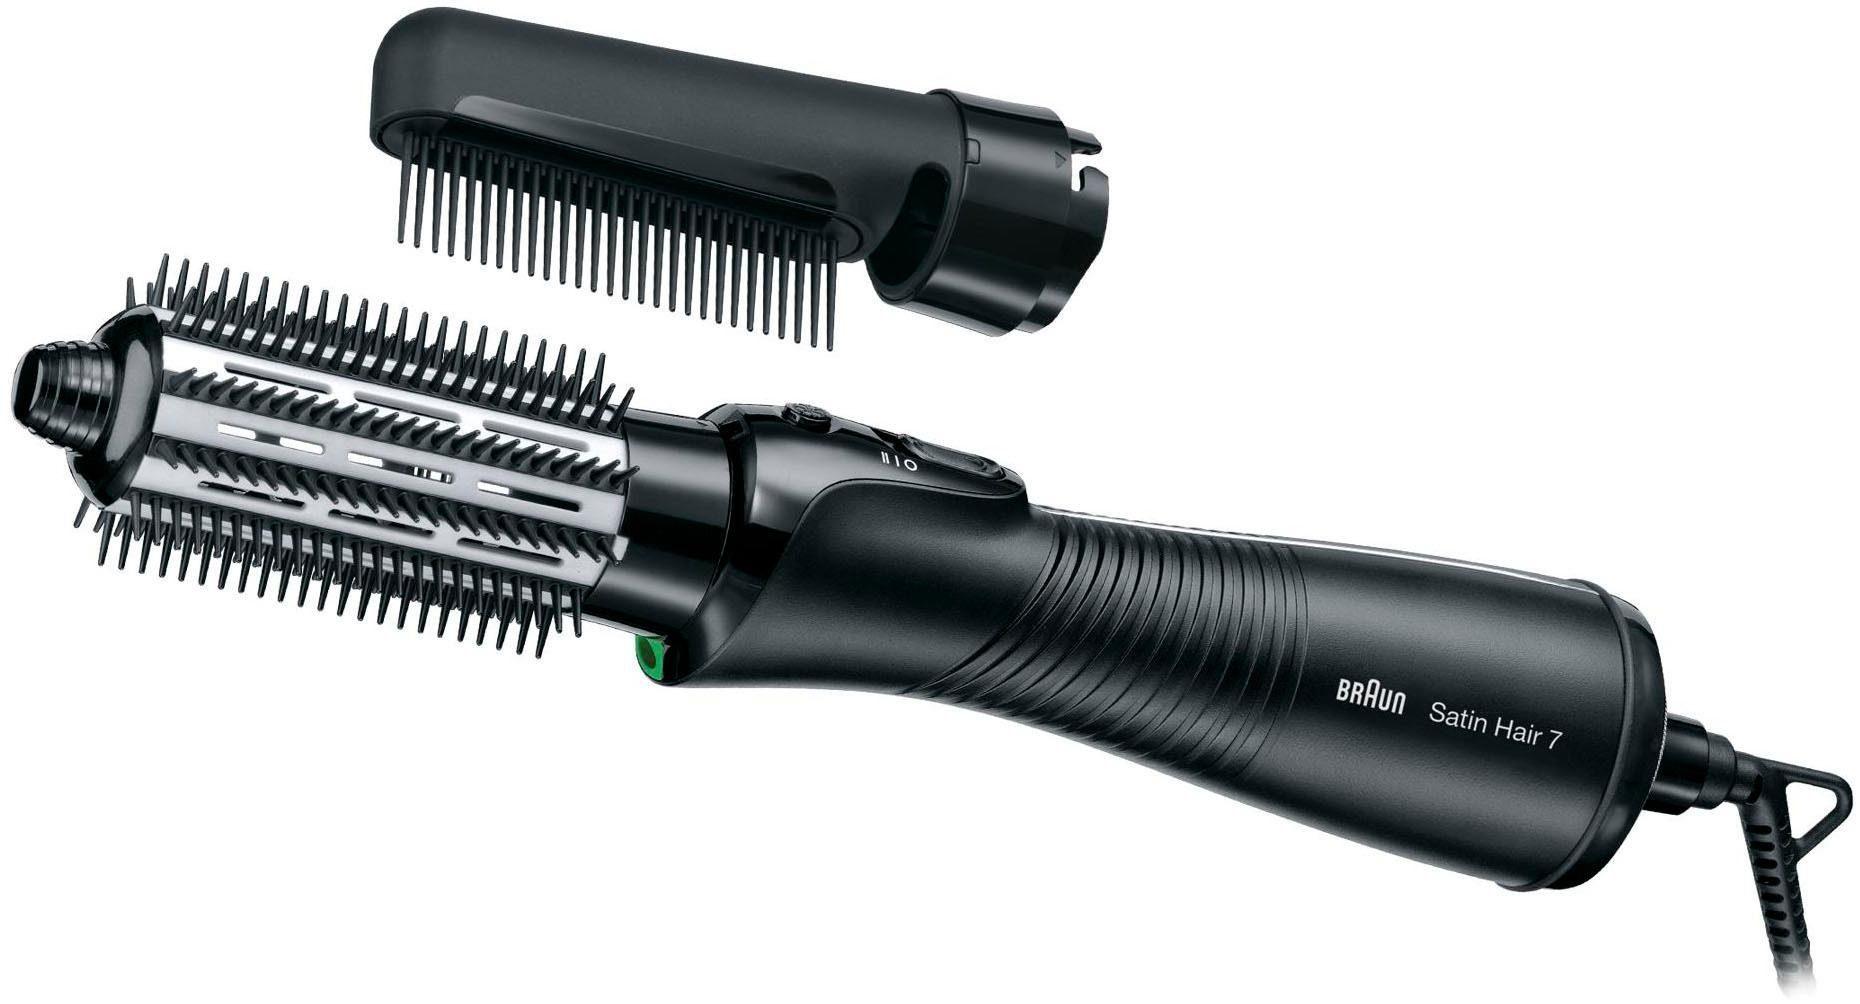 Braun Warmluft-Lockenbürste Satin Hair 7 AS720, Warmluft-Lockenbürste mit IONTEC Technologie (inklusive Kamm-und Bürstenaufsatz)